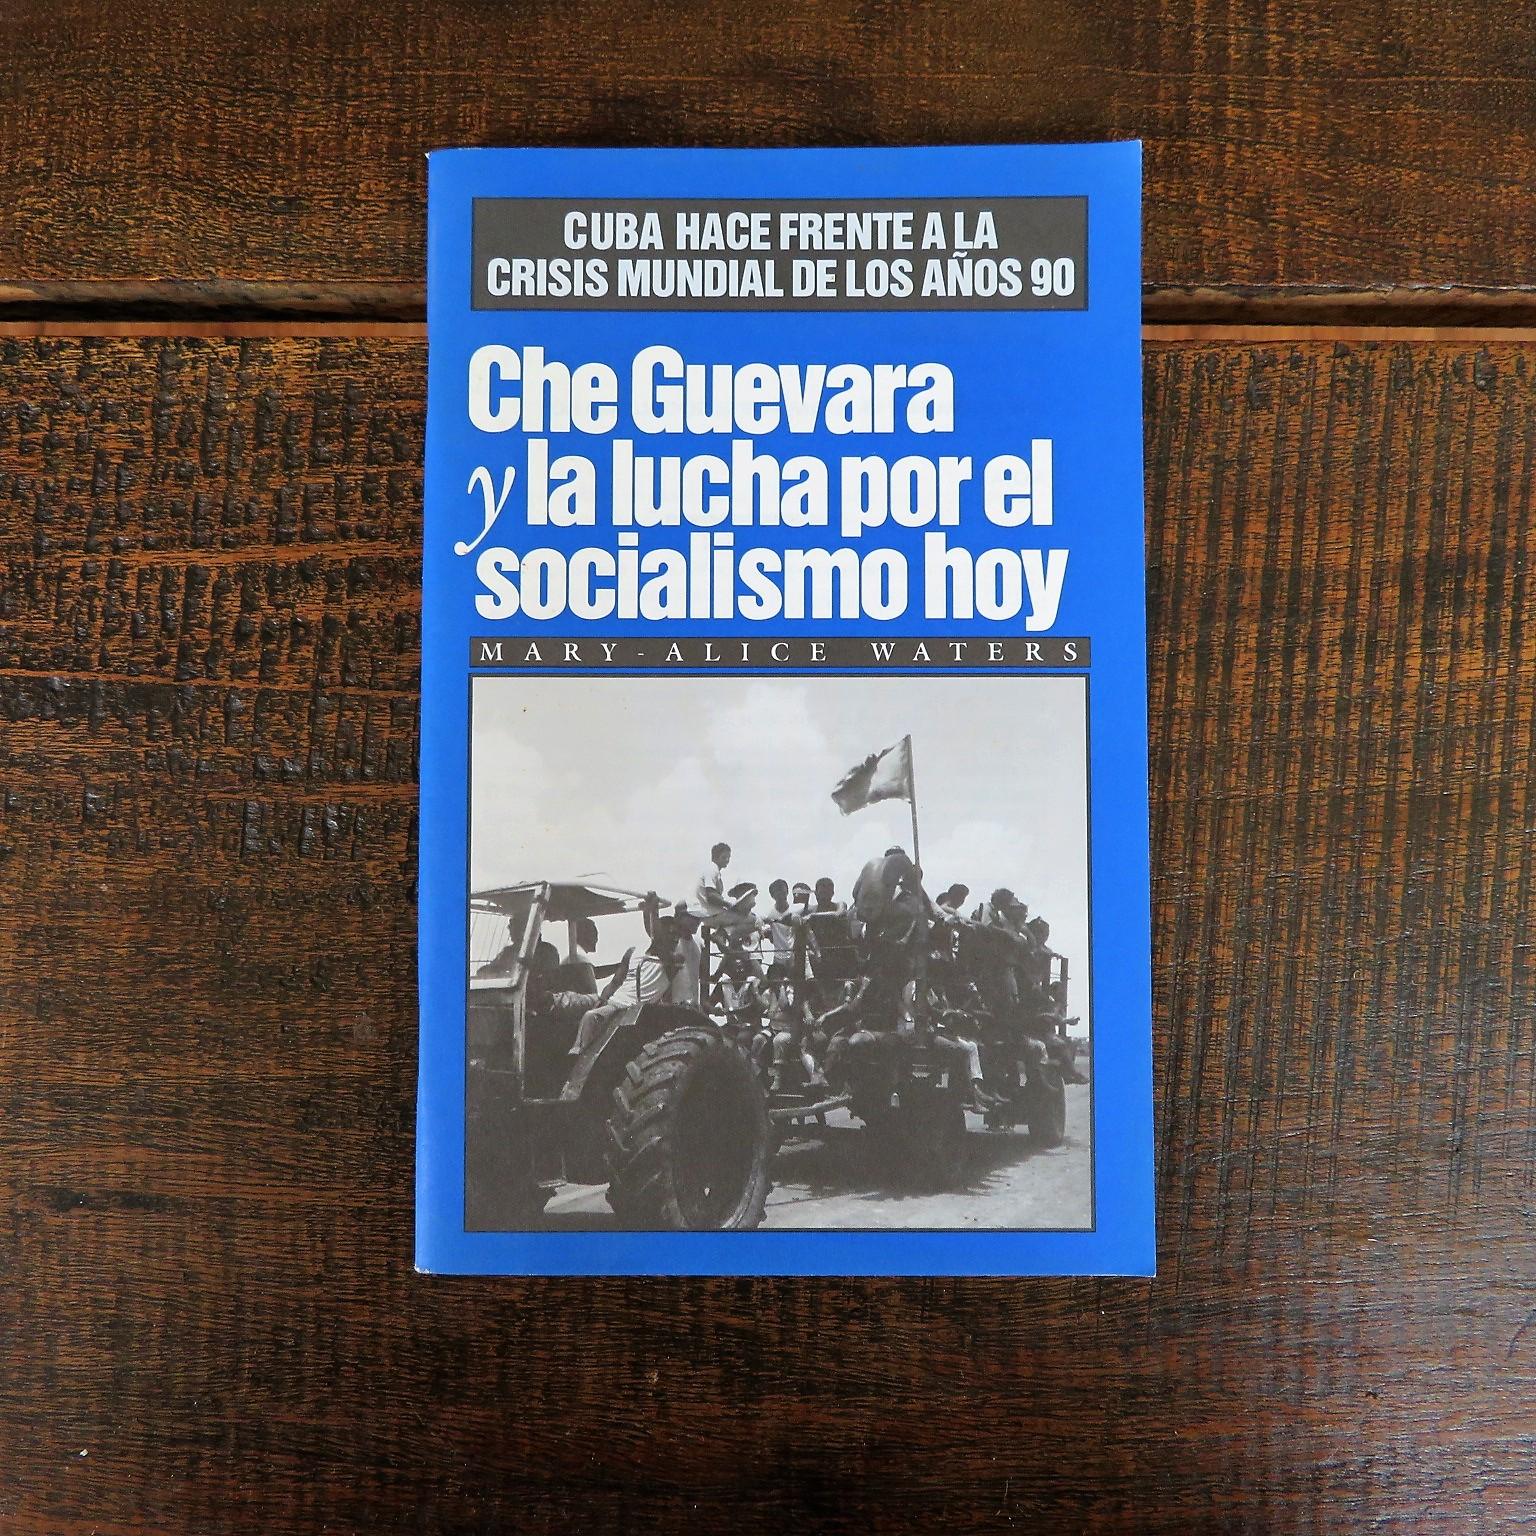 che-guevara-y-la-lucha-por-el-socialismo-hoy-1